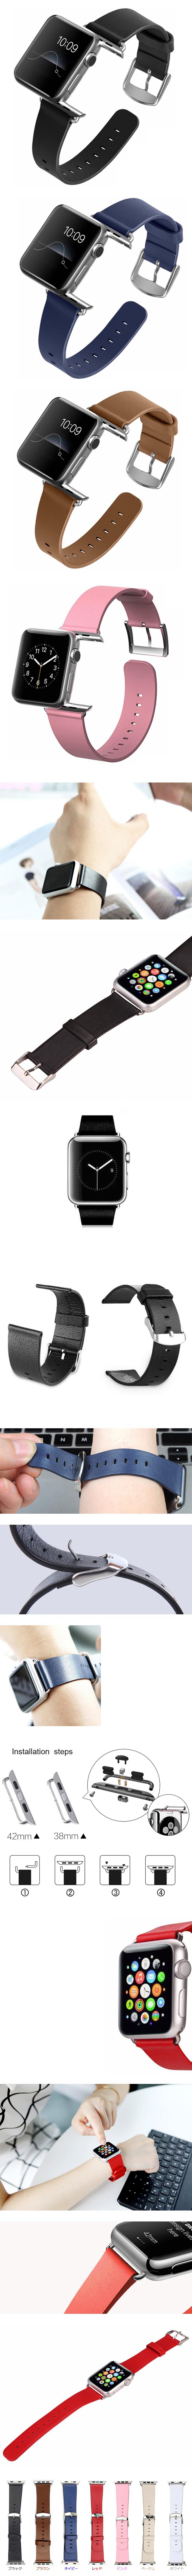 Apple Watch バンド ベルト 42mm 38mm 本革 レザー アップルウォッチ applewatchバンド applewatchベルト